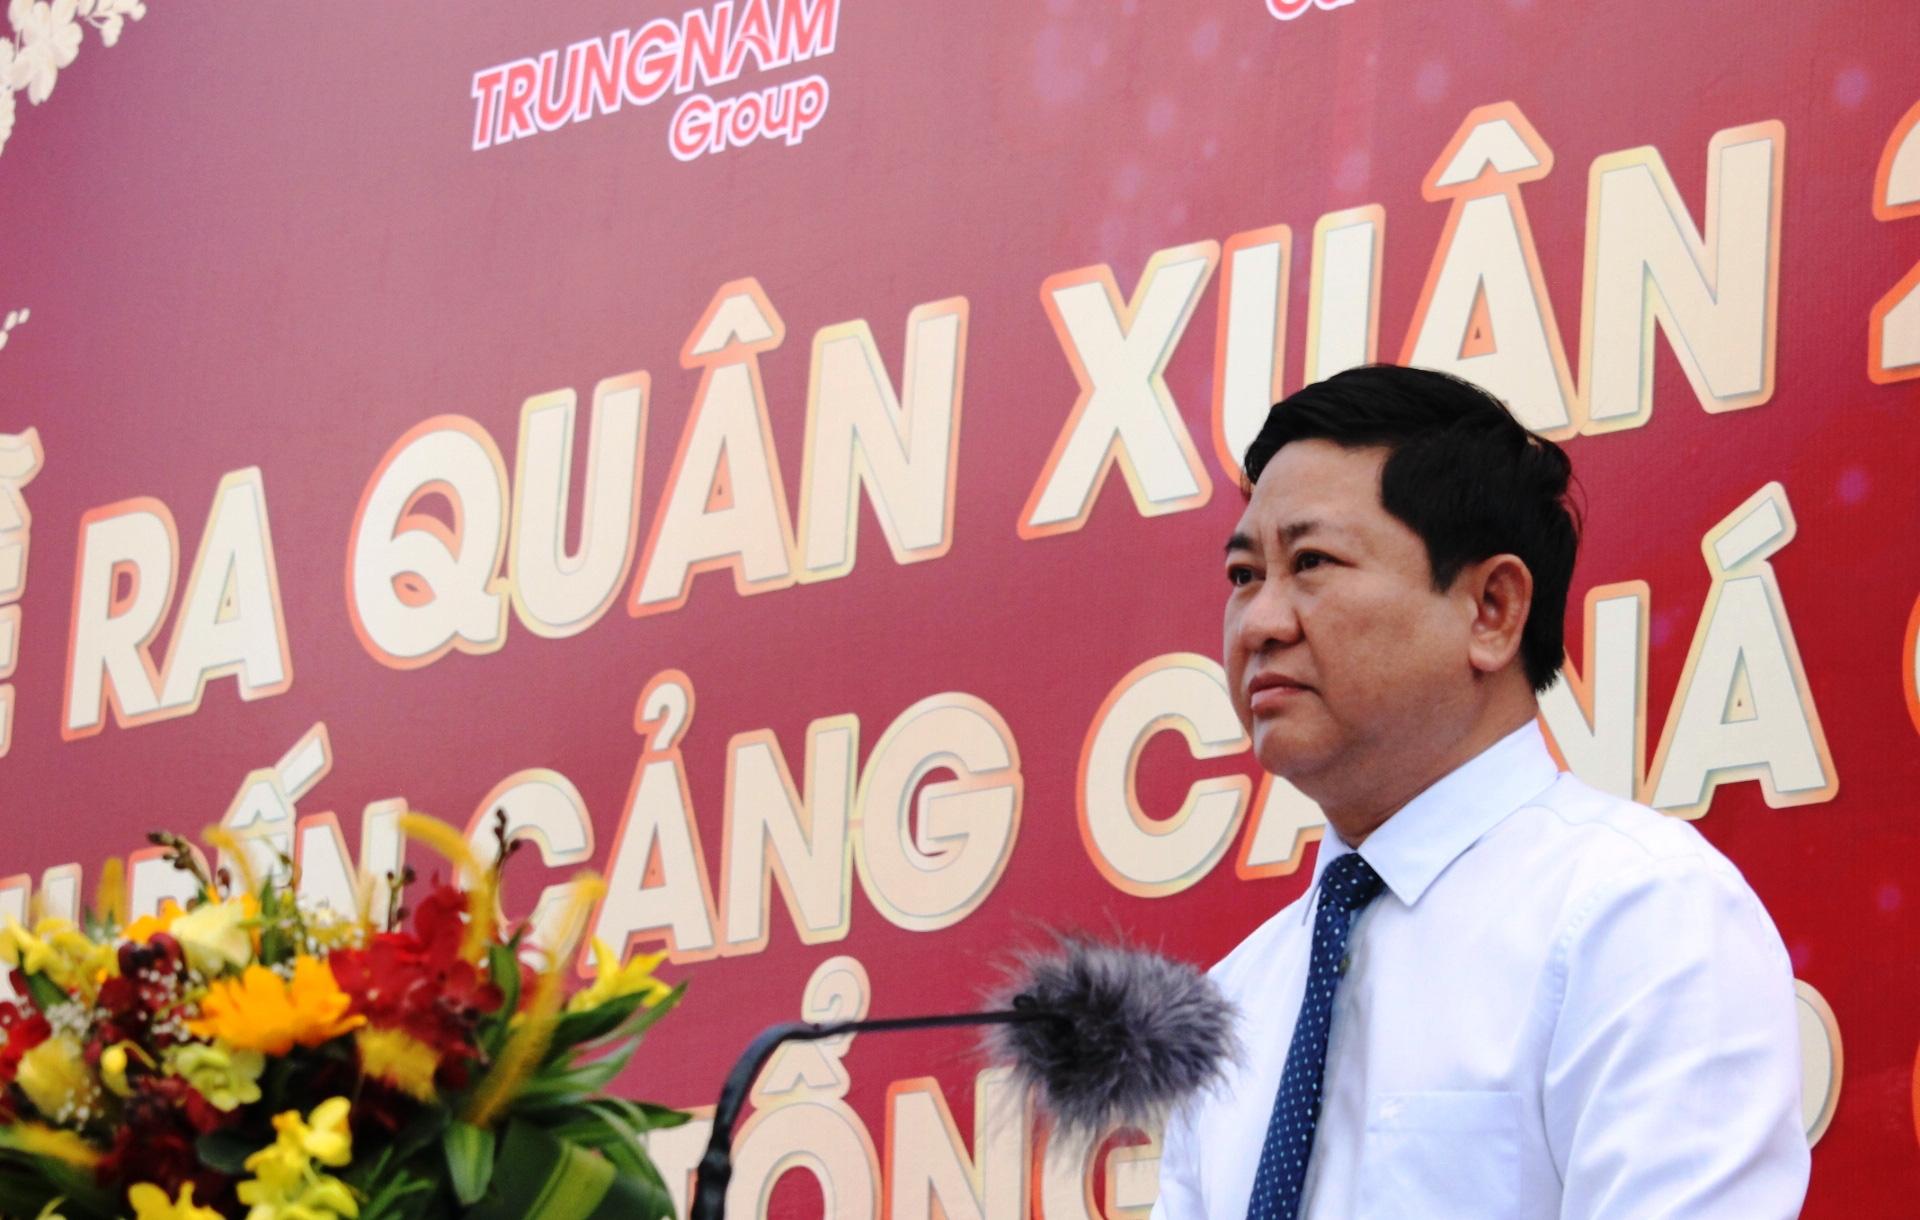 Trungnam Group tổ chức lễ ra quân xuân 2021  - Ảnh 2.